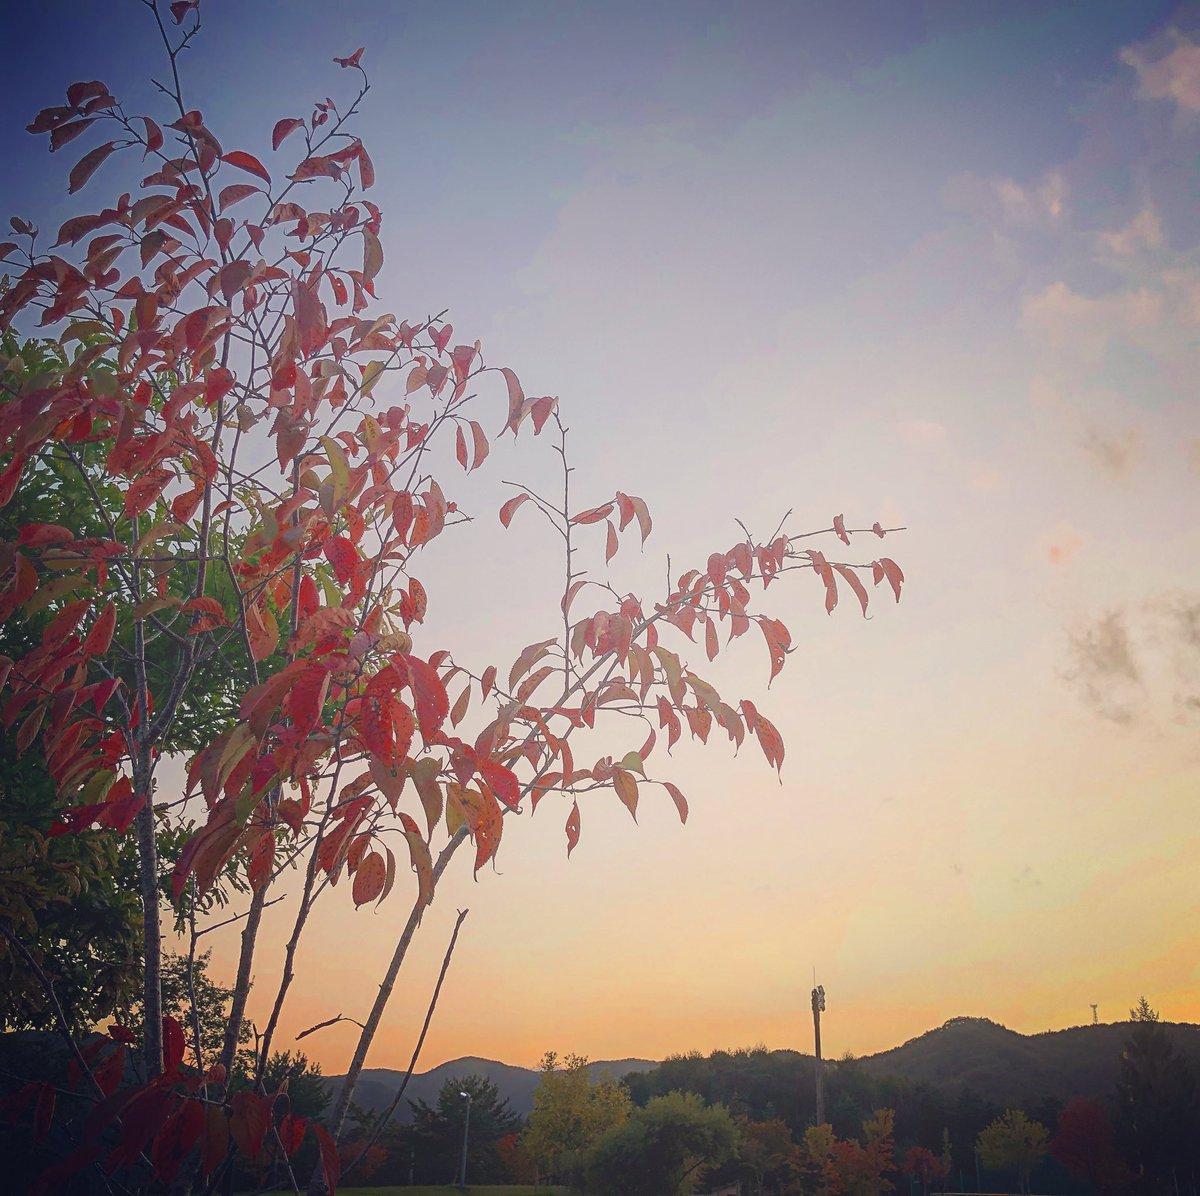 昼頃から晴れ始めた、#岩手県北 #葛巻町 の夕方🌆日が沈み始めると、寒さも感じてきました🍃皆さま今日も1日お疲れ様でした😊感謝の気持ちで明日も大丈夫👌笑顔で、『やれば出来る‼️』🤩#イマソラ #岩手県 #日々感謝 #日々笑顔 #お墓 #墓石 #墓石業者 #石のヤマカタ